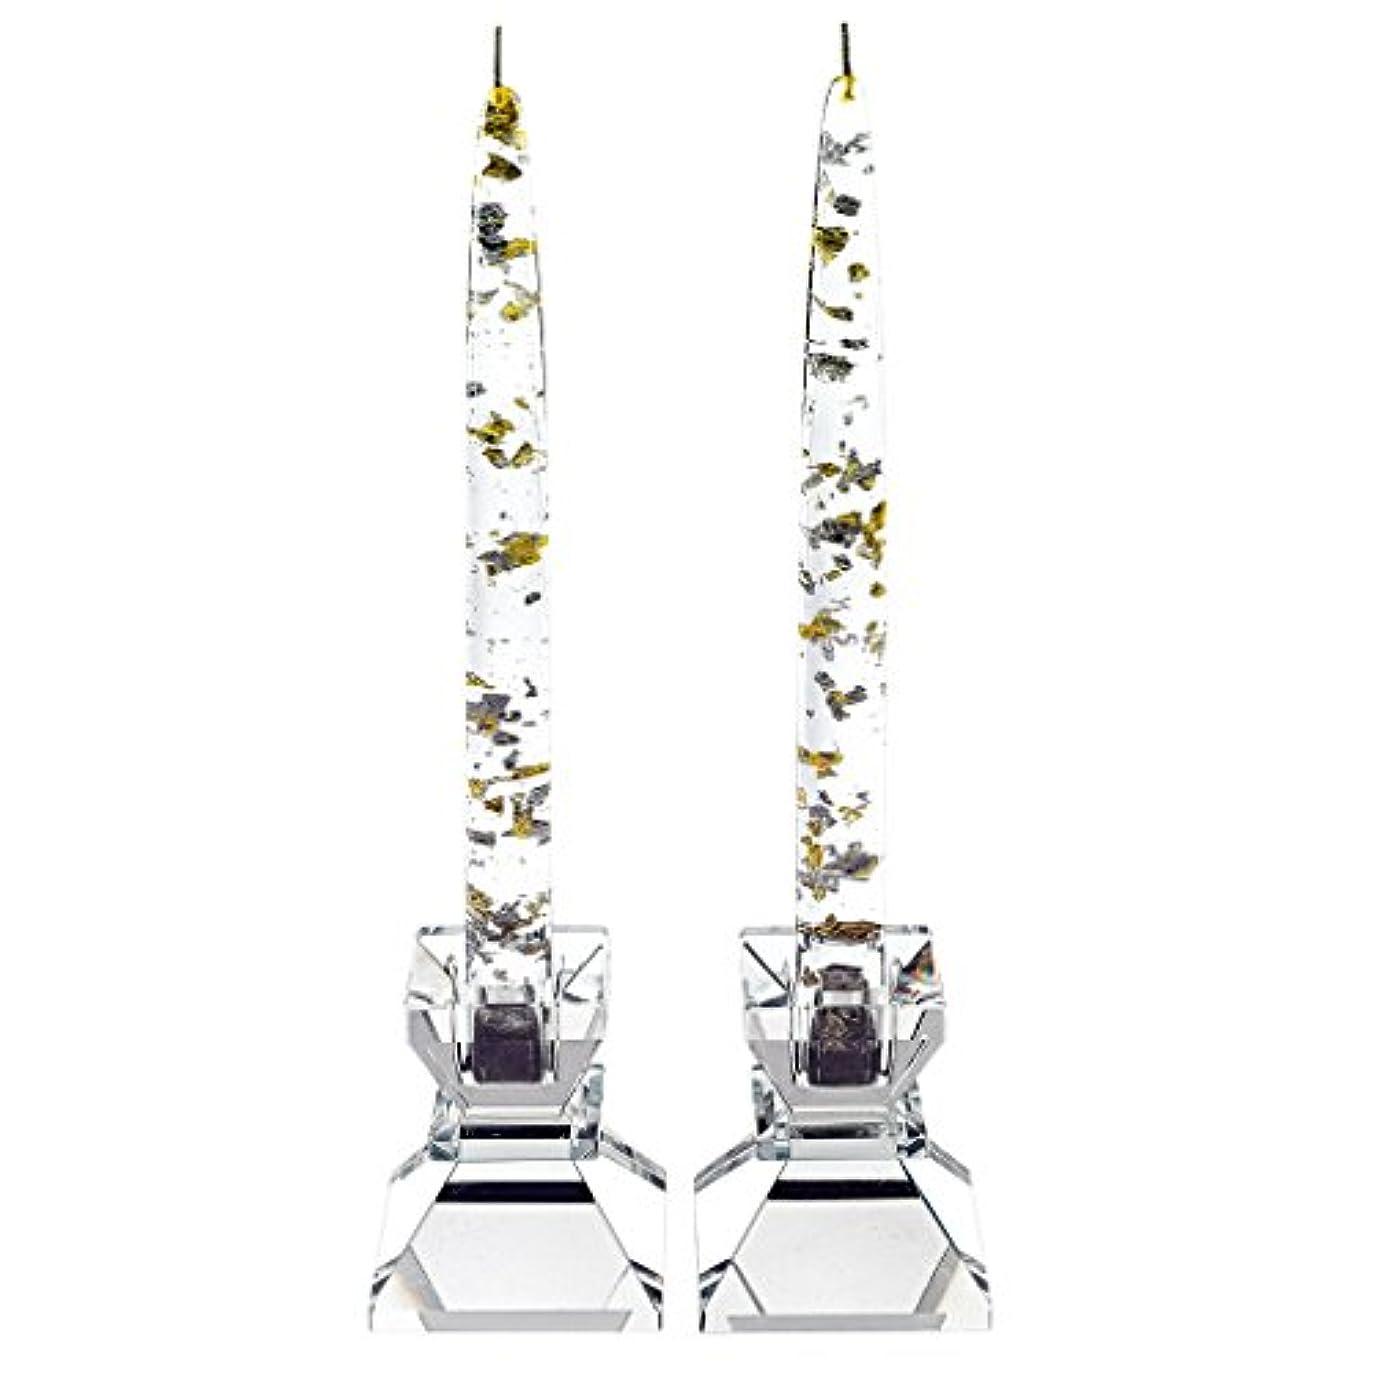 シリンダーリーフレット内側Badash Crystal G121 SILVER - GOLD FLECK 8 in. CANDLE